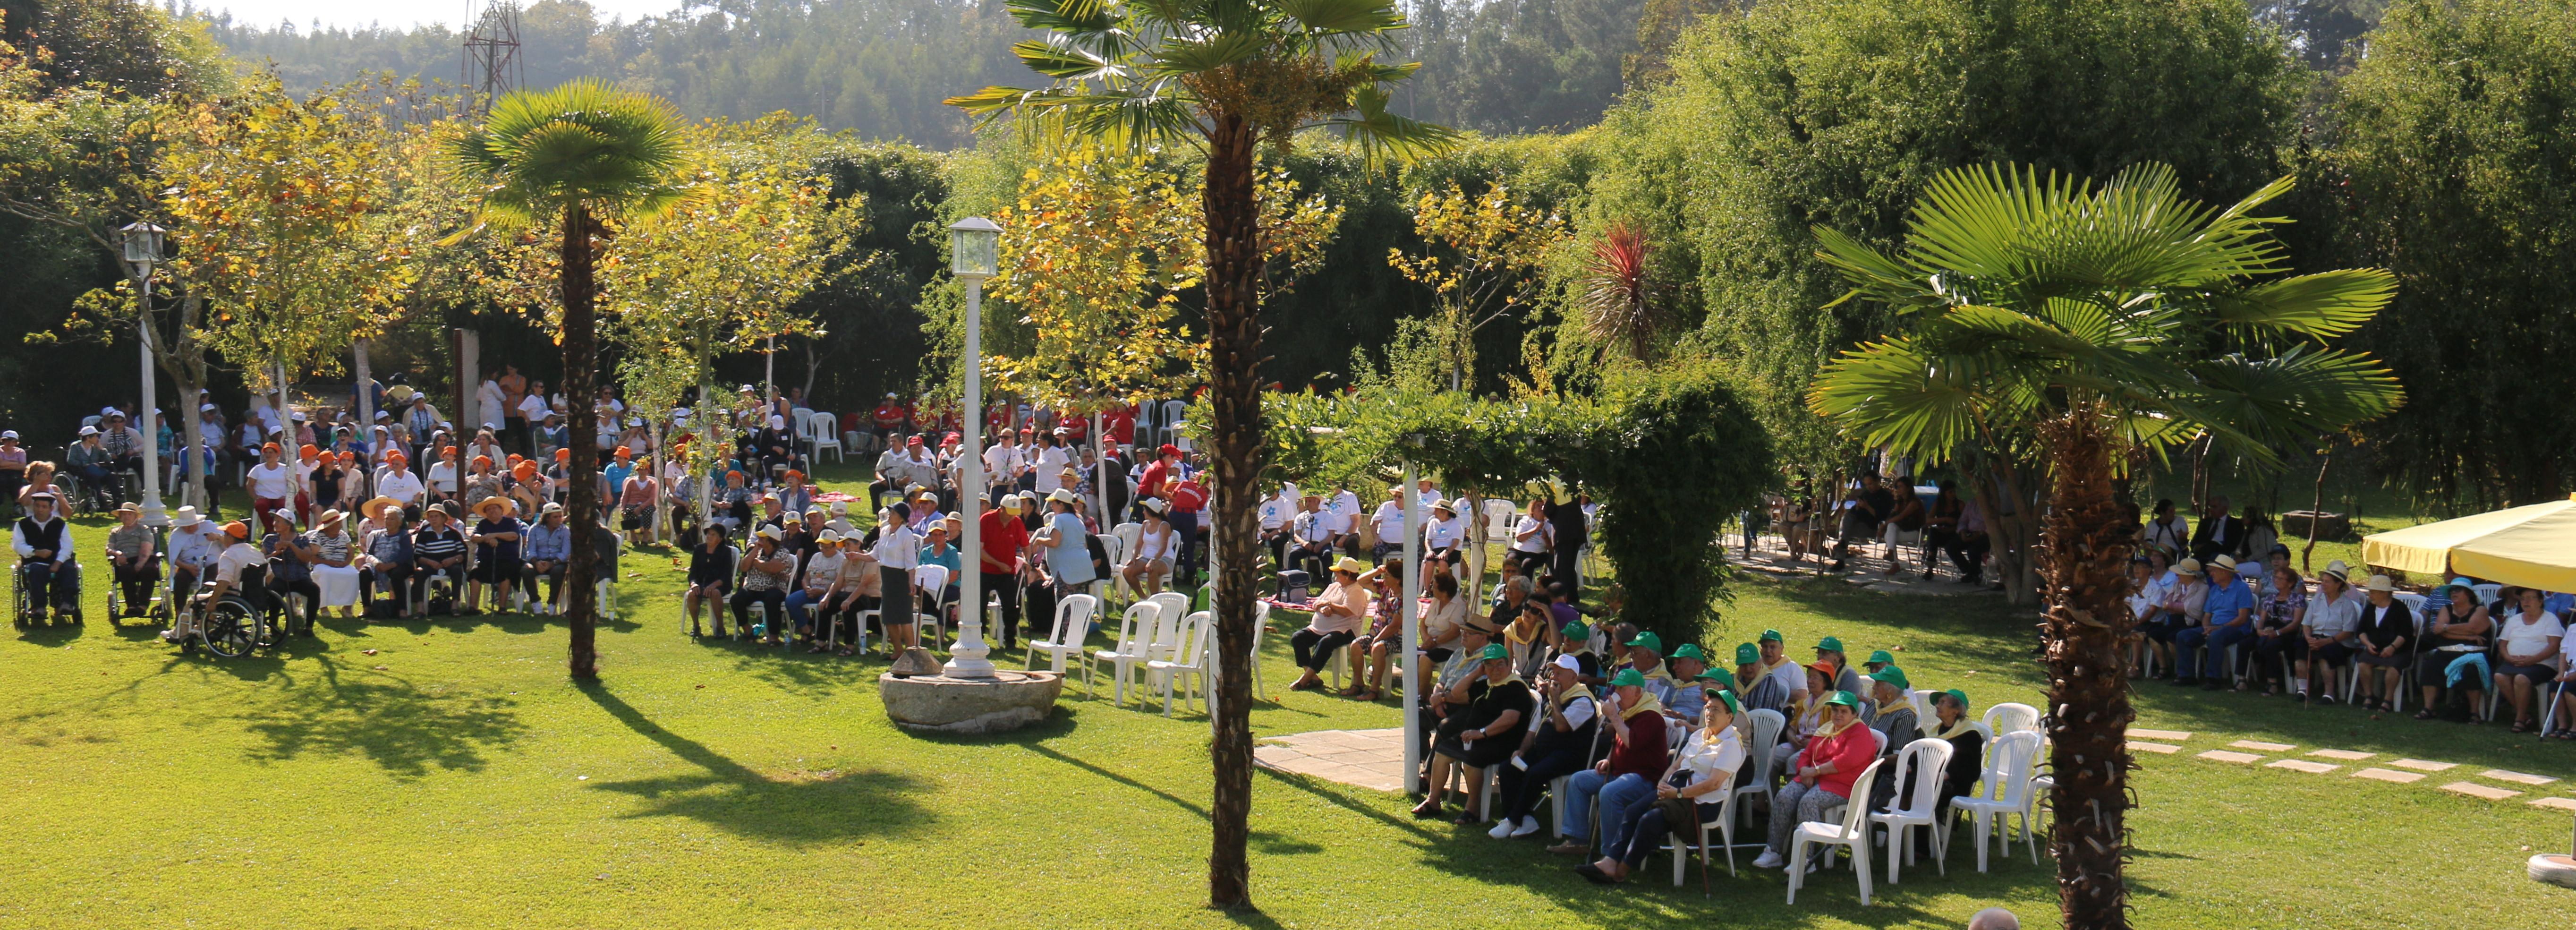 Município de Barcelos comemora o Dia do Idoso